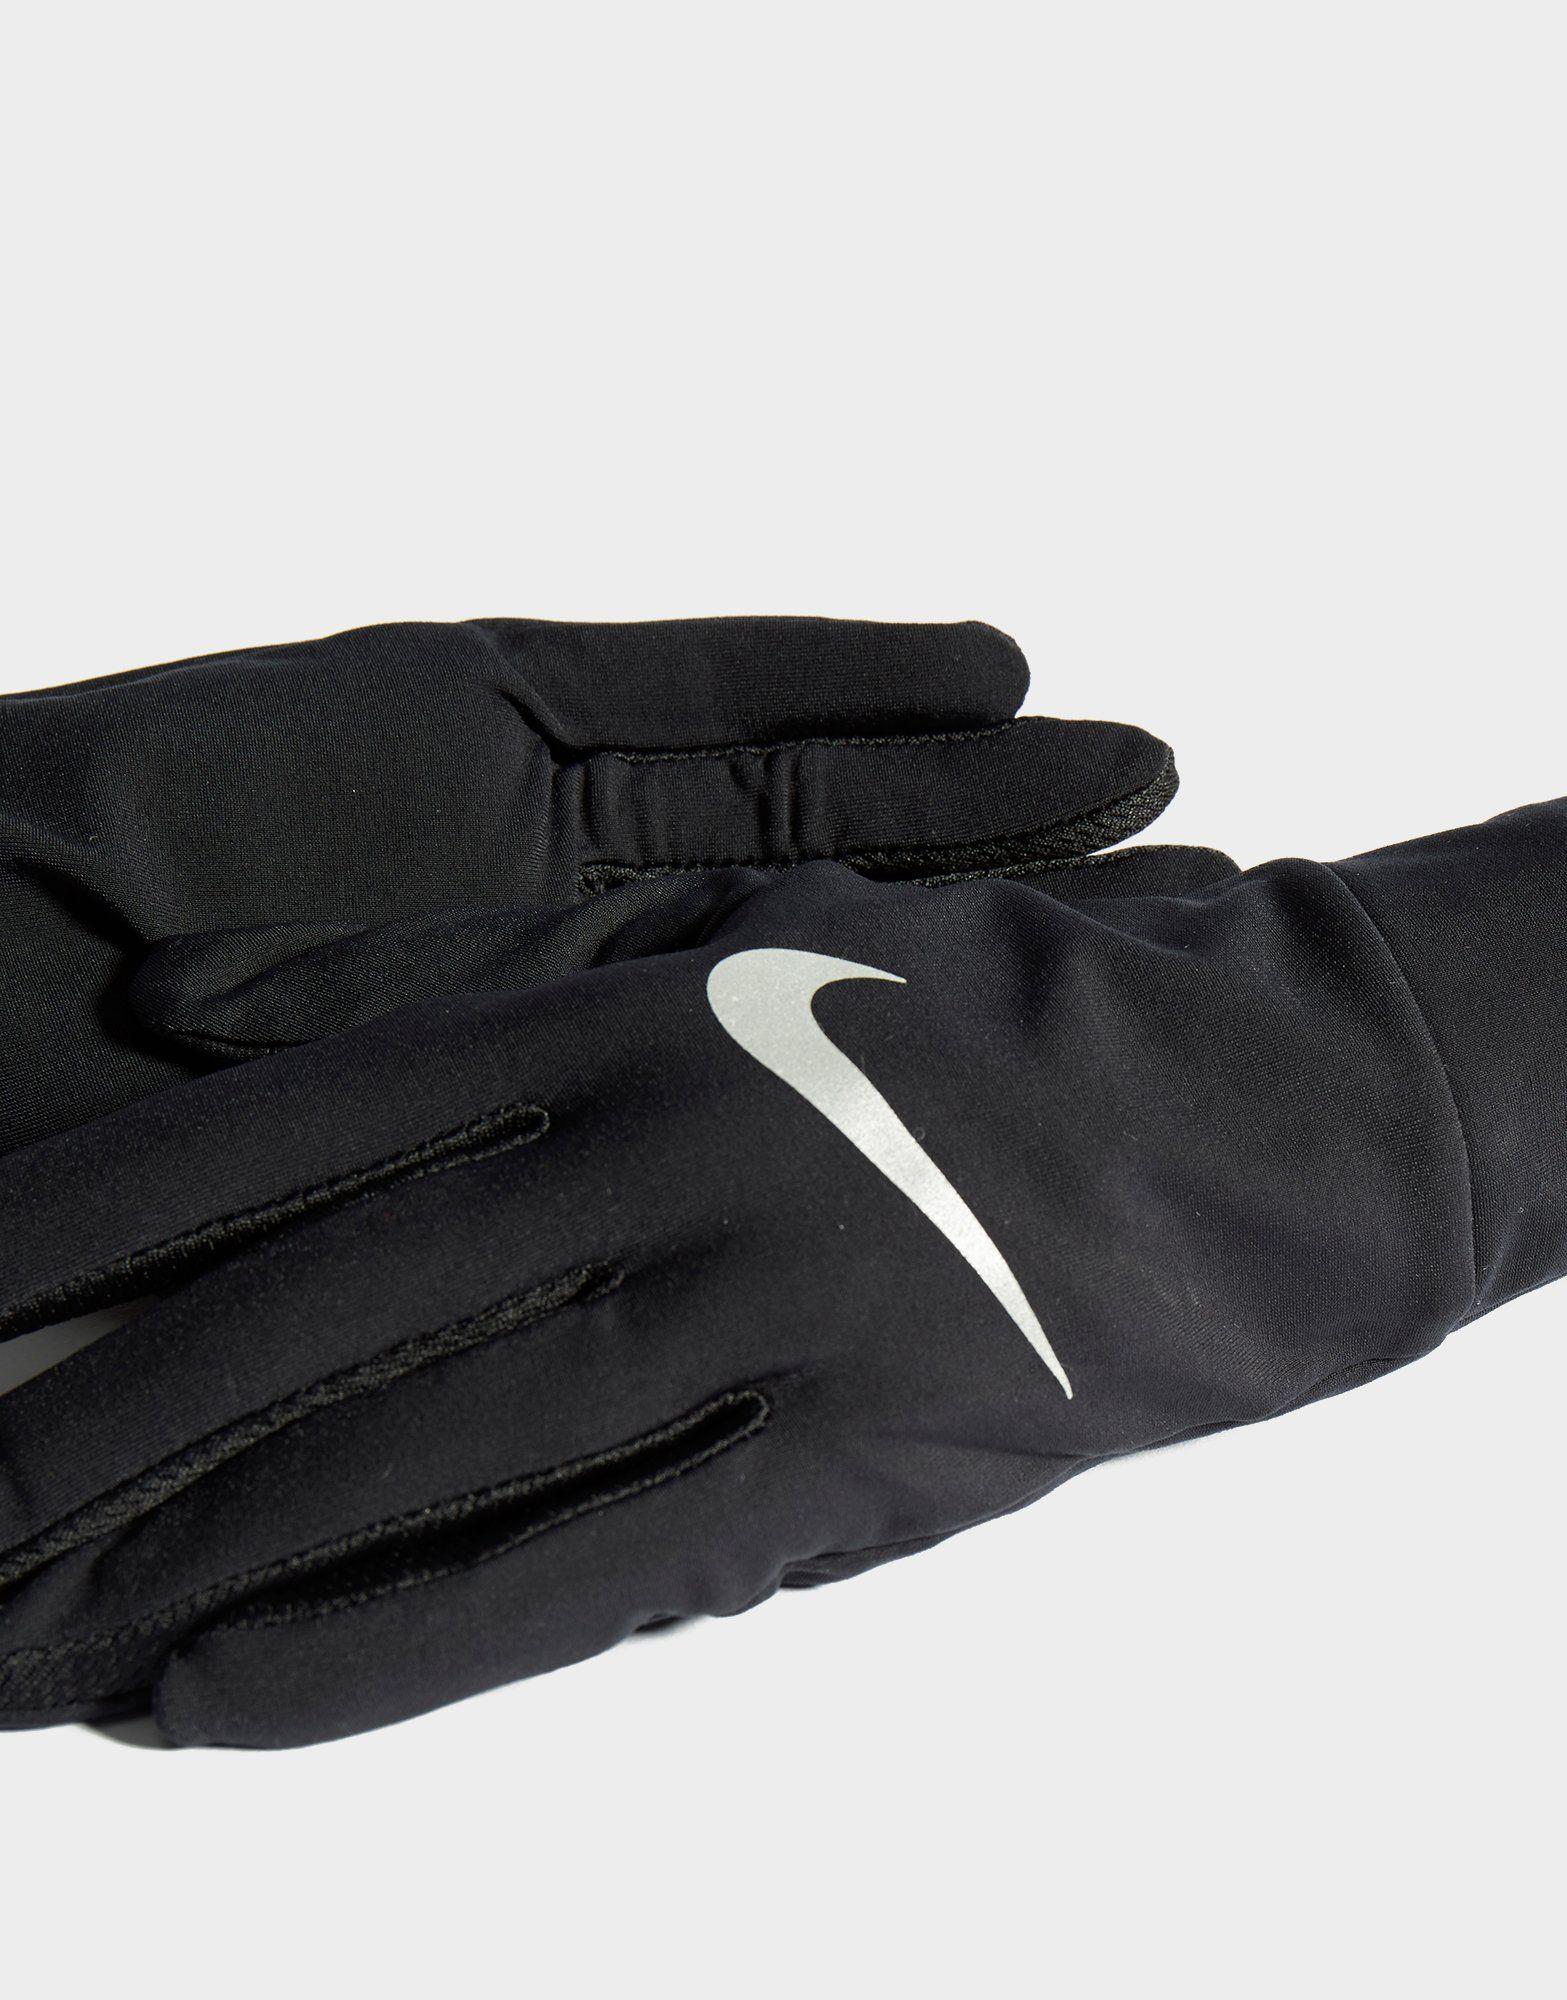 Nike Lightweight Tech Gloves